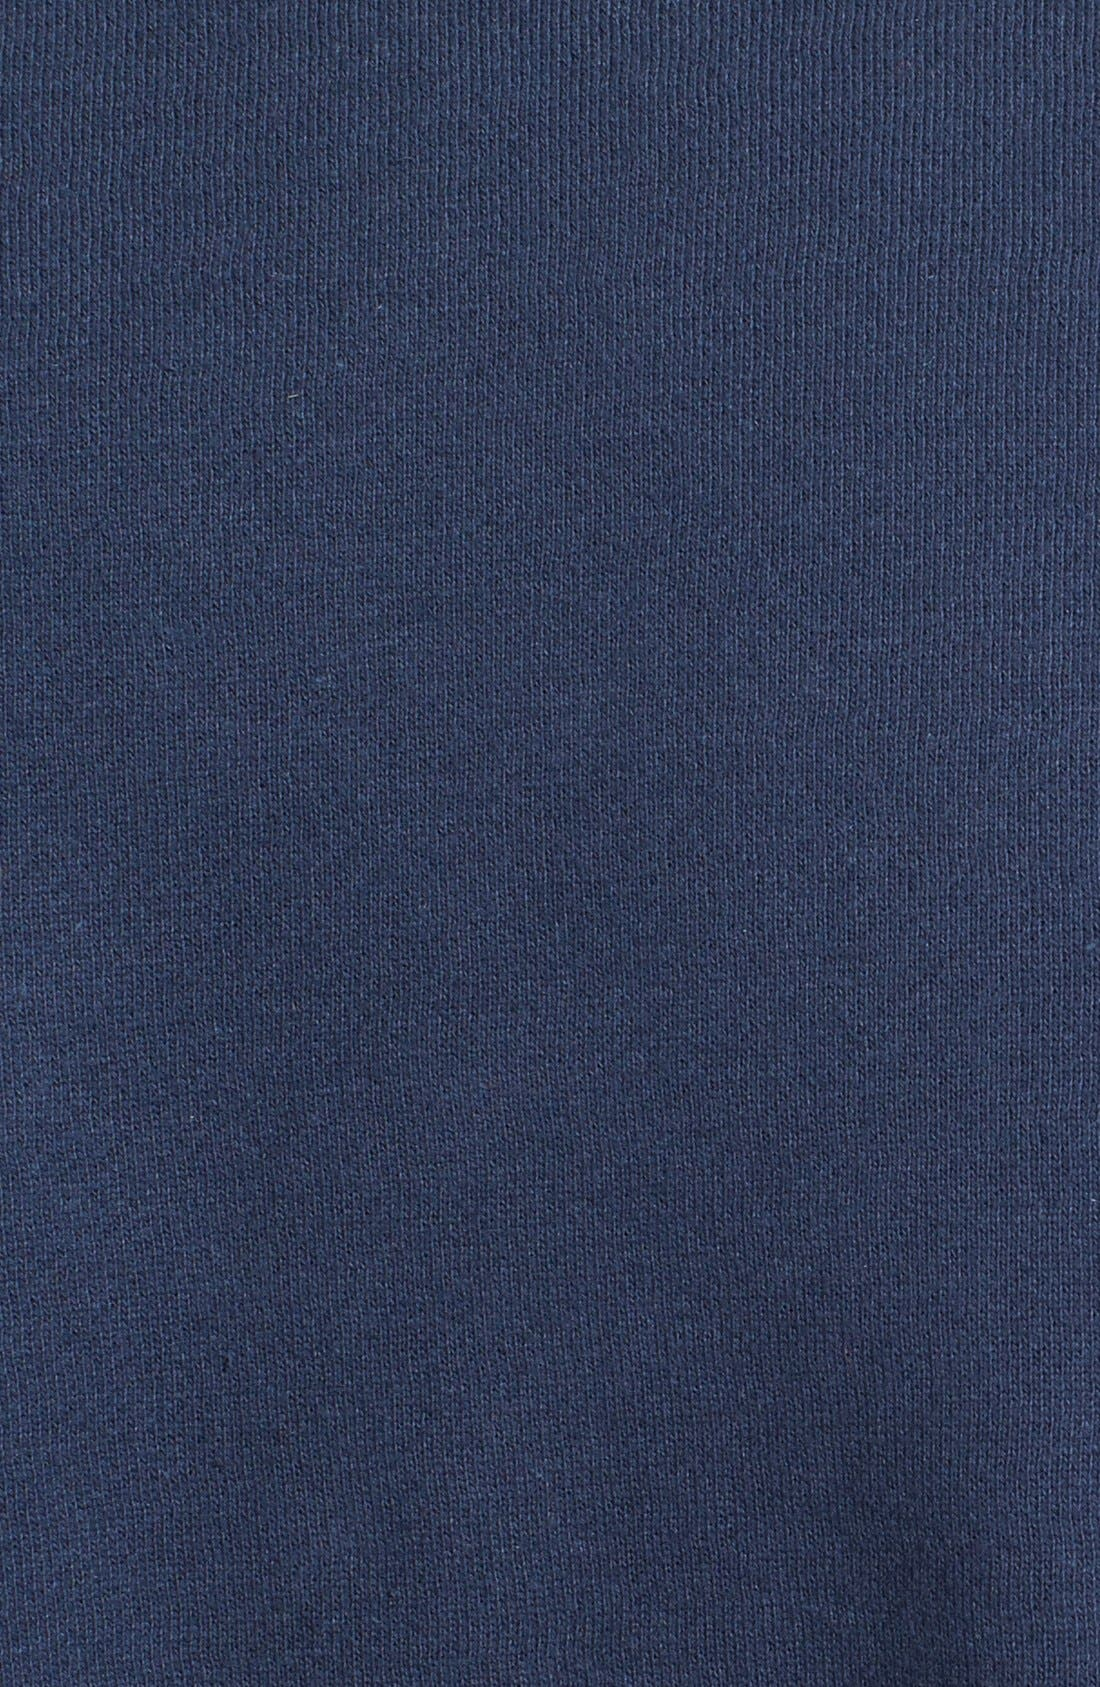 Alternate Image 3  - Mitchell & Ness 'Backward Pass - Michigan' Fleece Jacket